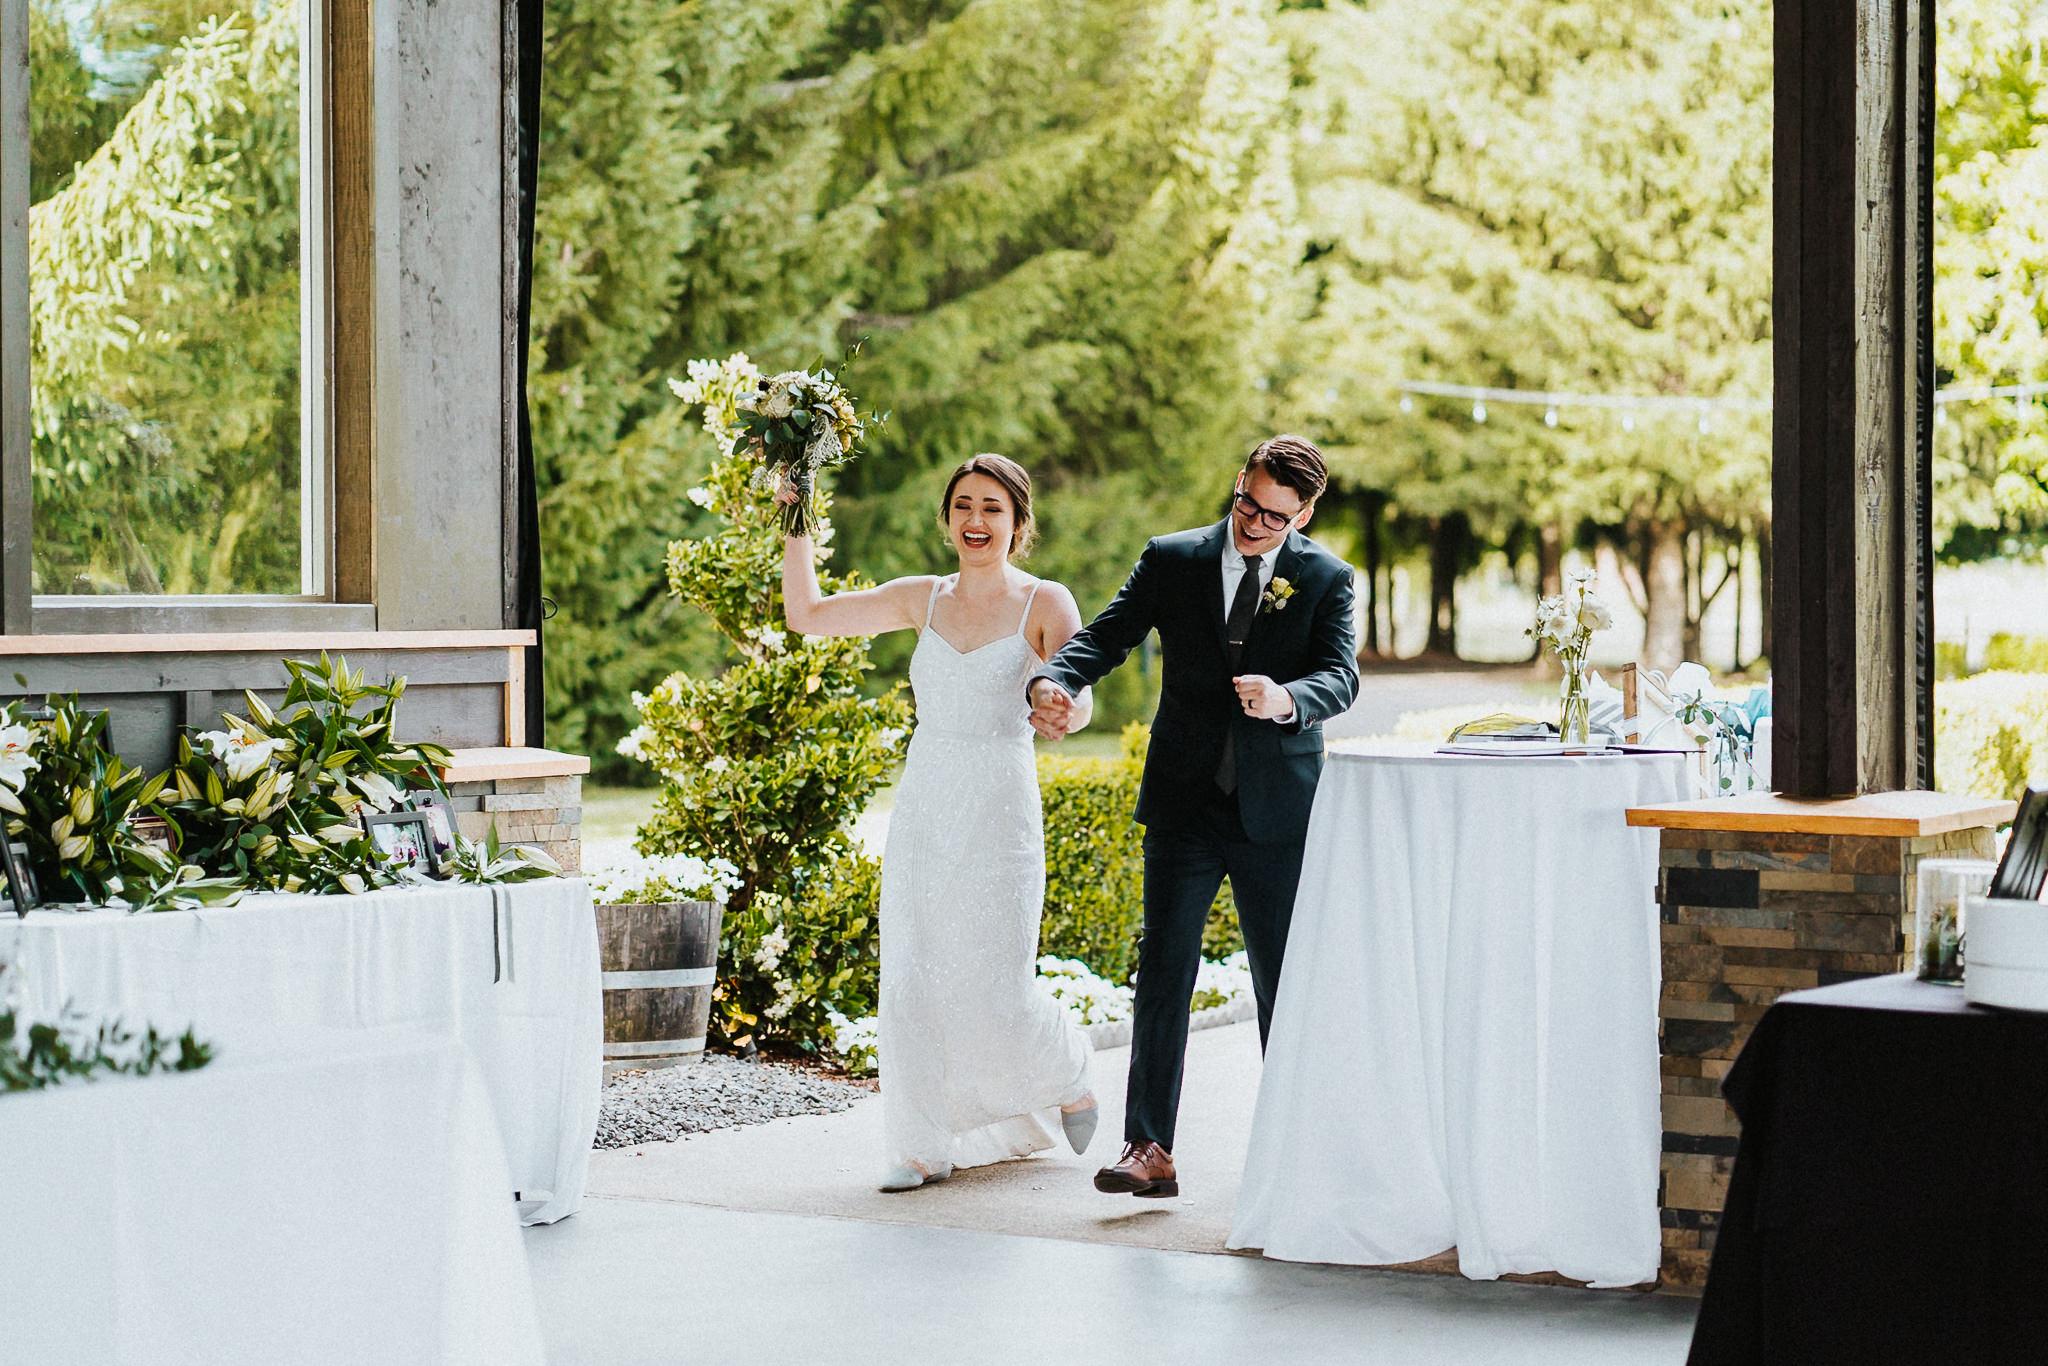 Grand Entrance Bride Groom Water Oasis